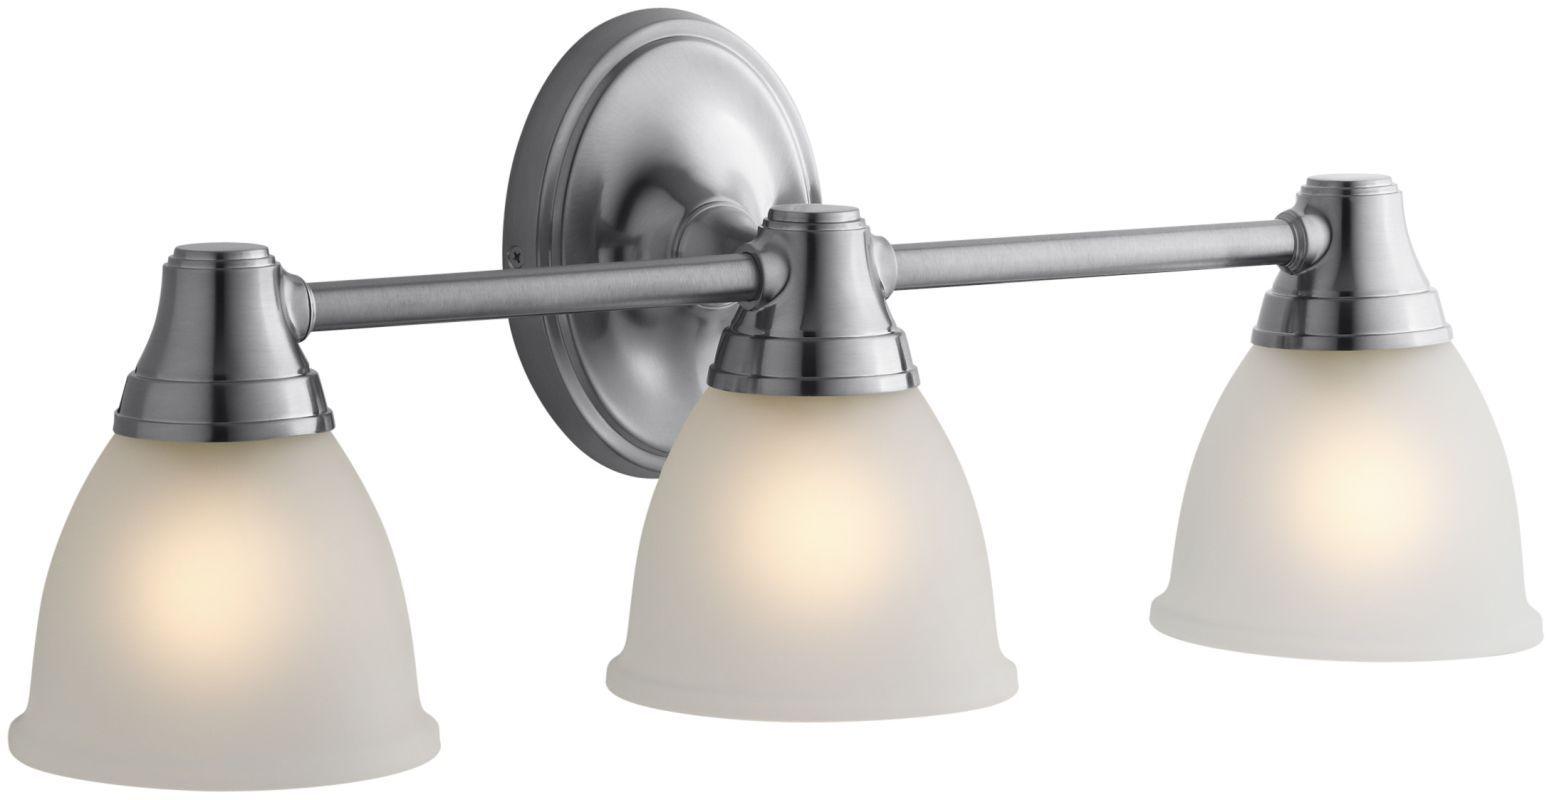 Kohler K11367 in 2019 Bathroom light fixtures, Kohler